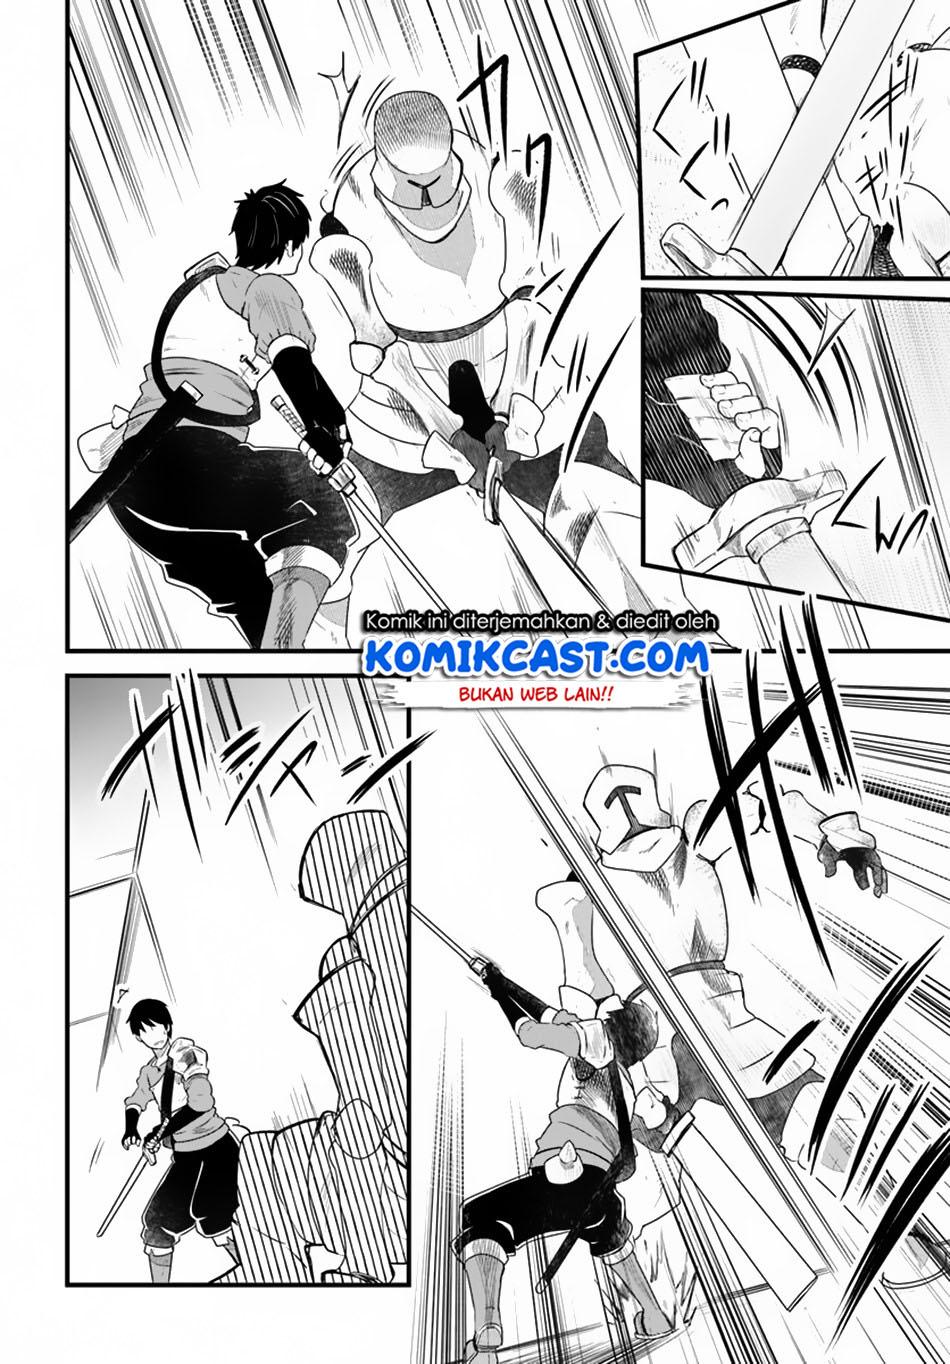 Seichou Cheat de Nandemo Dekiru you ni Natta ga, Mushoku dake wa Yamerarenai you desu: Chapter 24 - Page 13